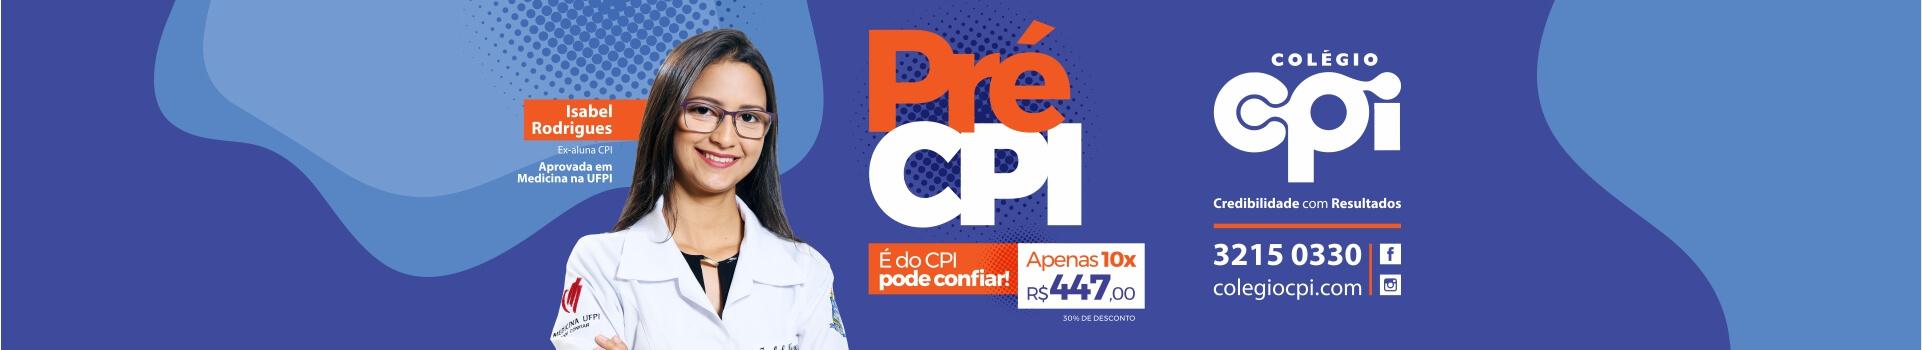 SITE-Pré-CPI-1